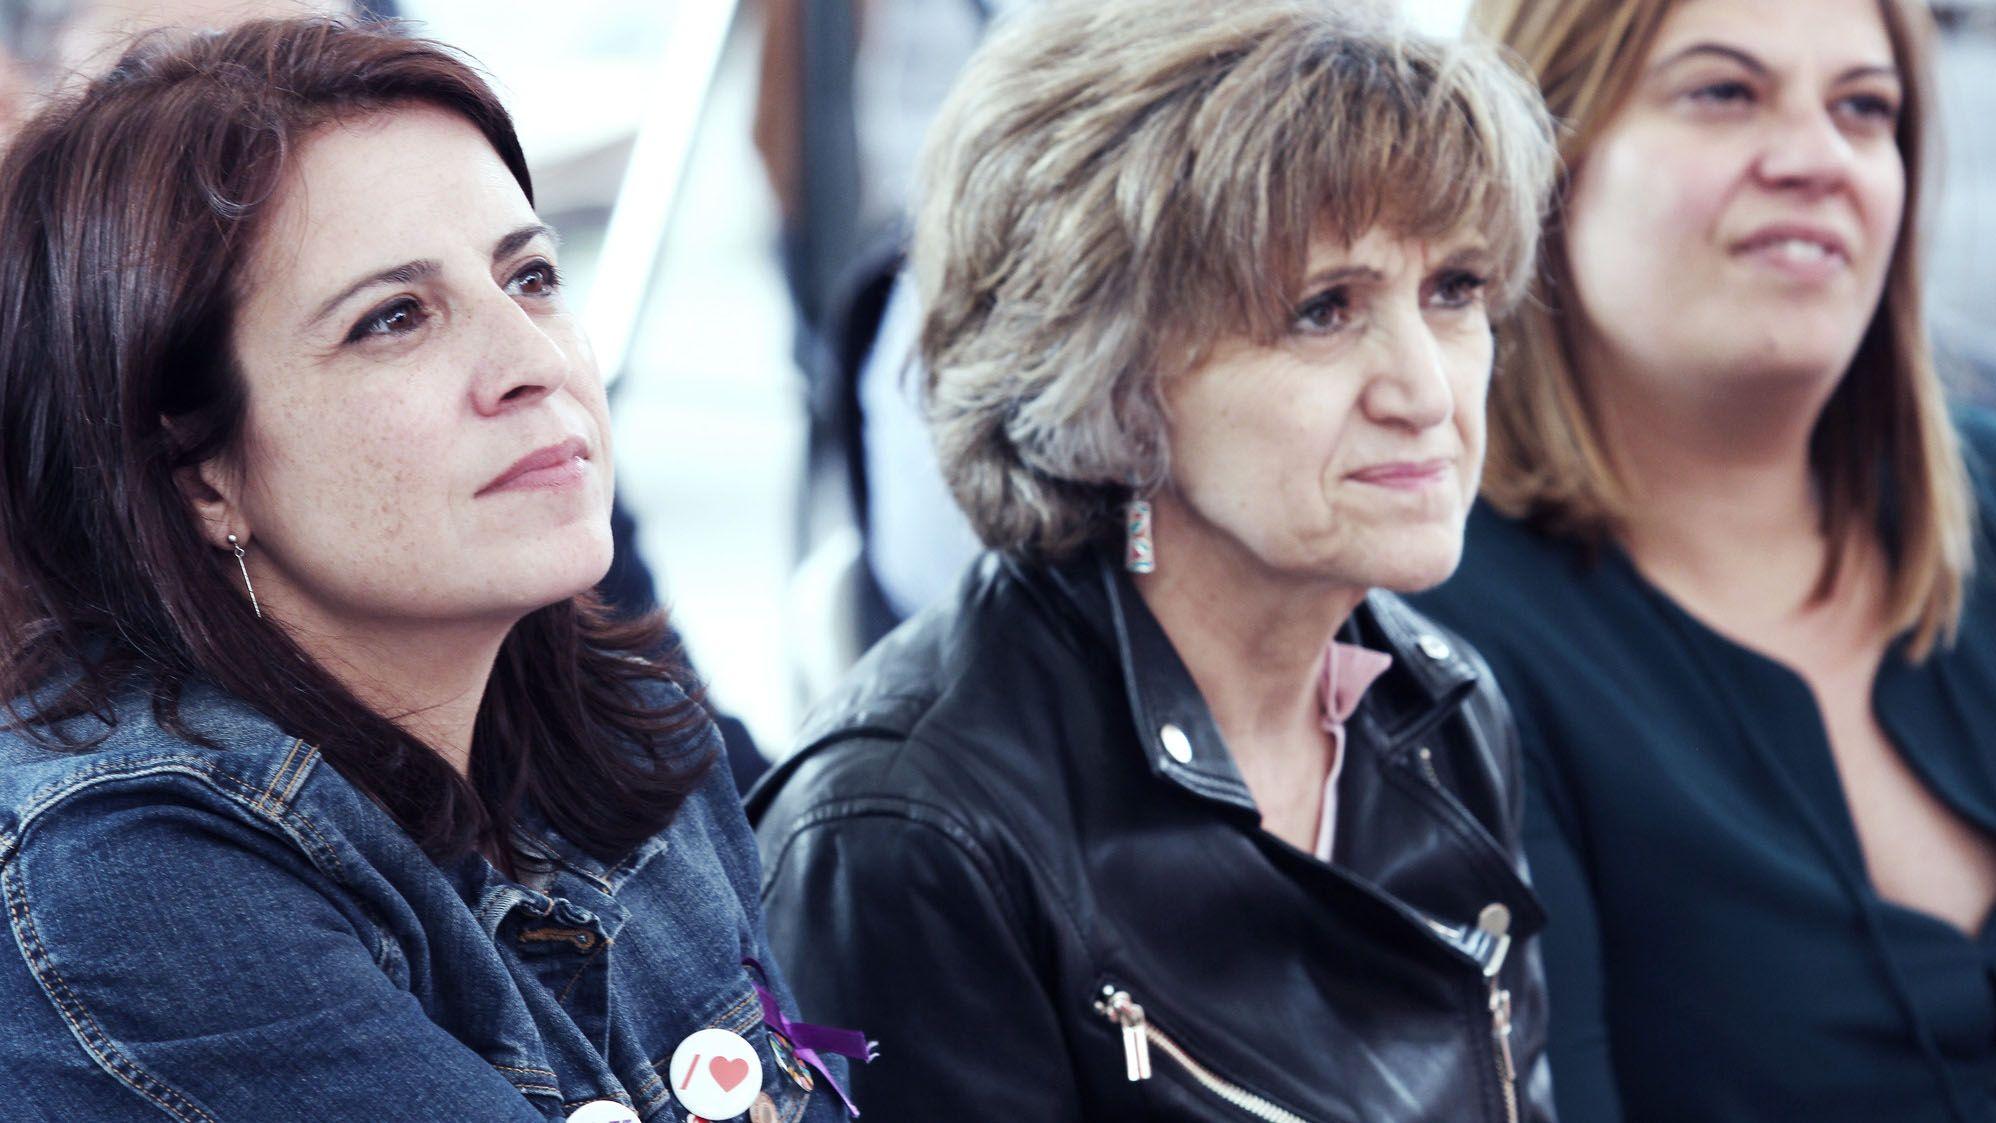 Un centenar de personas evita el desahucio de una mujer de 72 años en Gijón.Adriana Lastra Maria Luis Carcedo